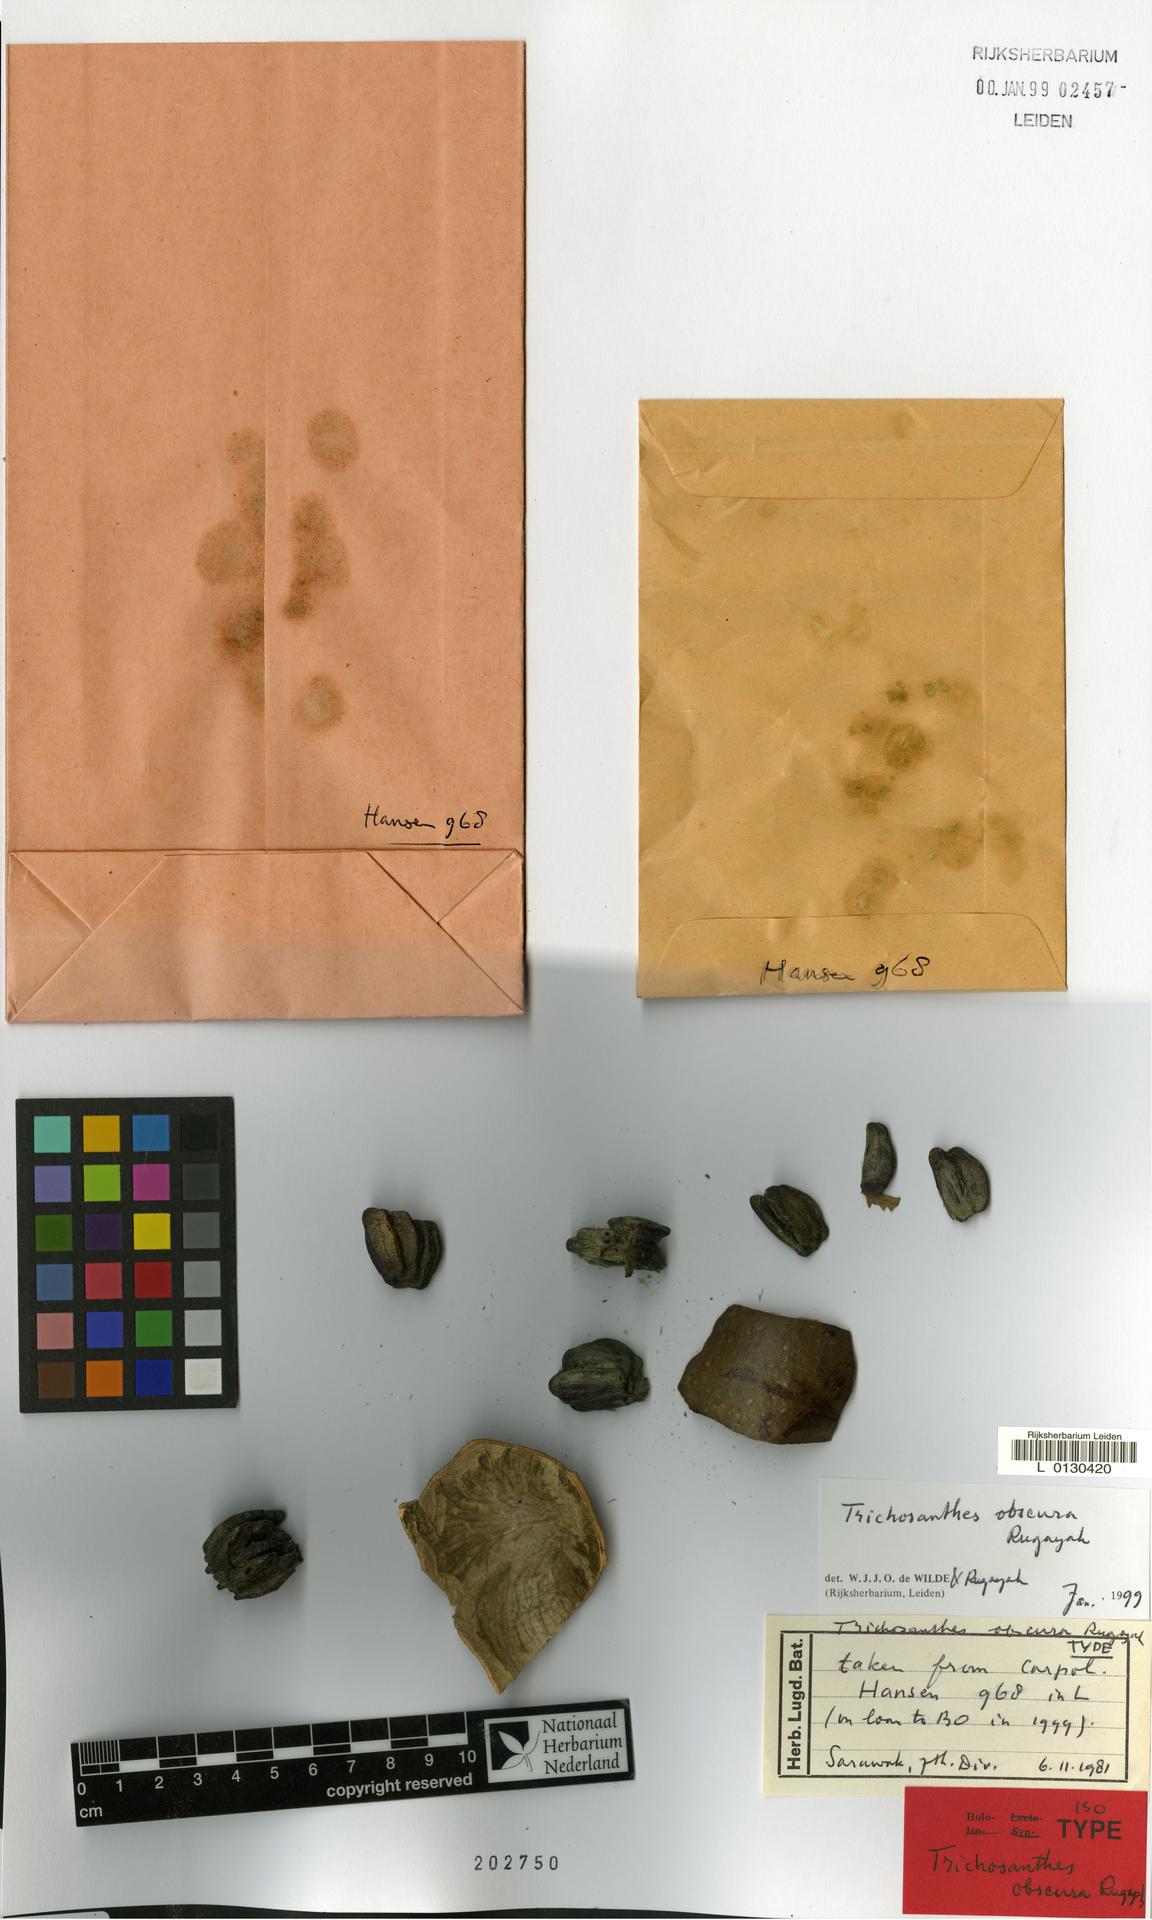 L  0130420 | Trichosanthes obscura Rugayah